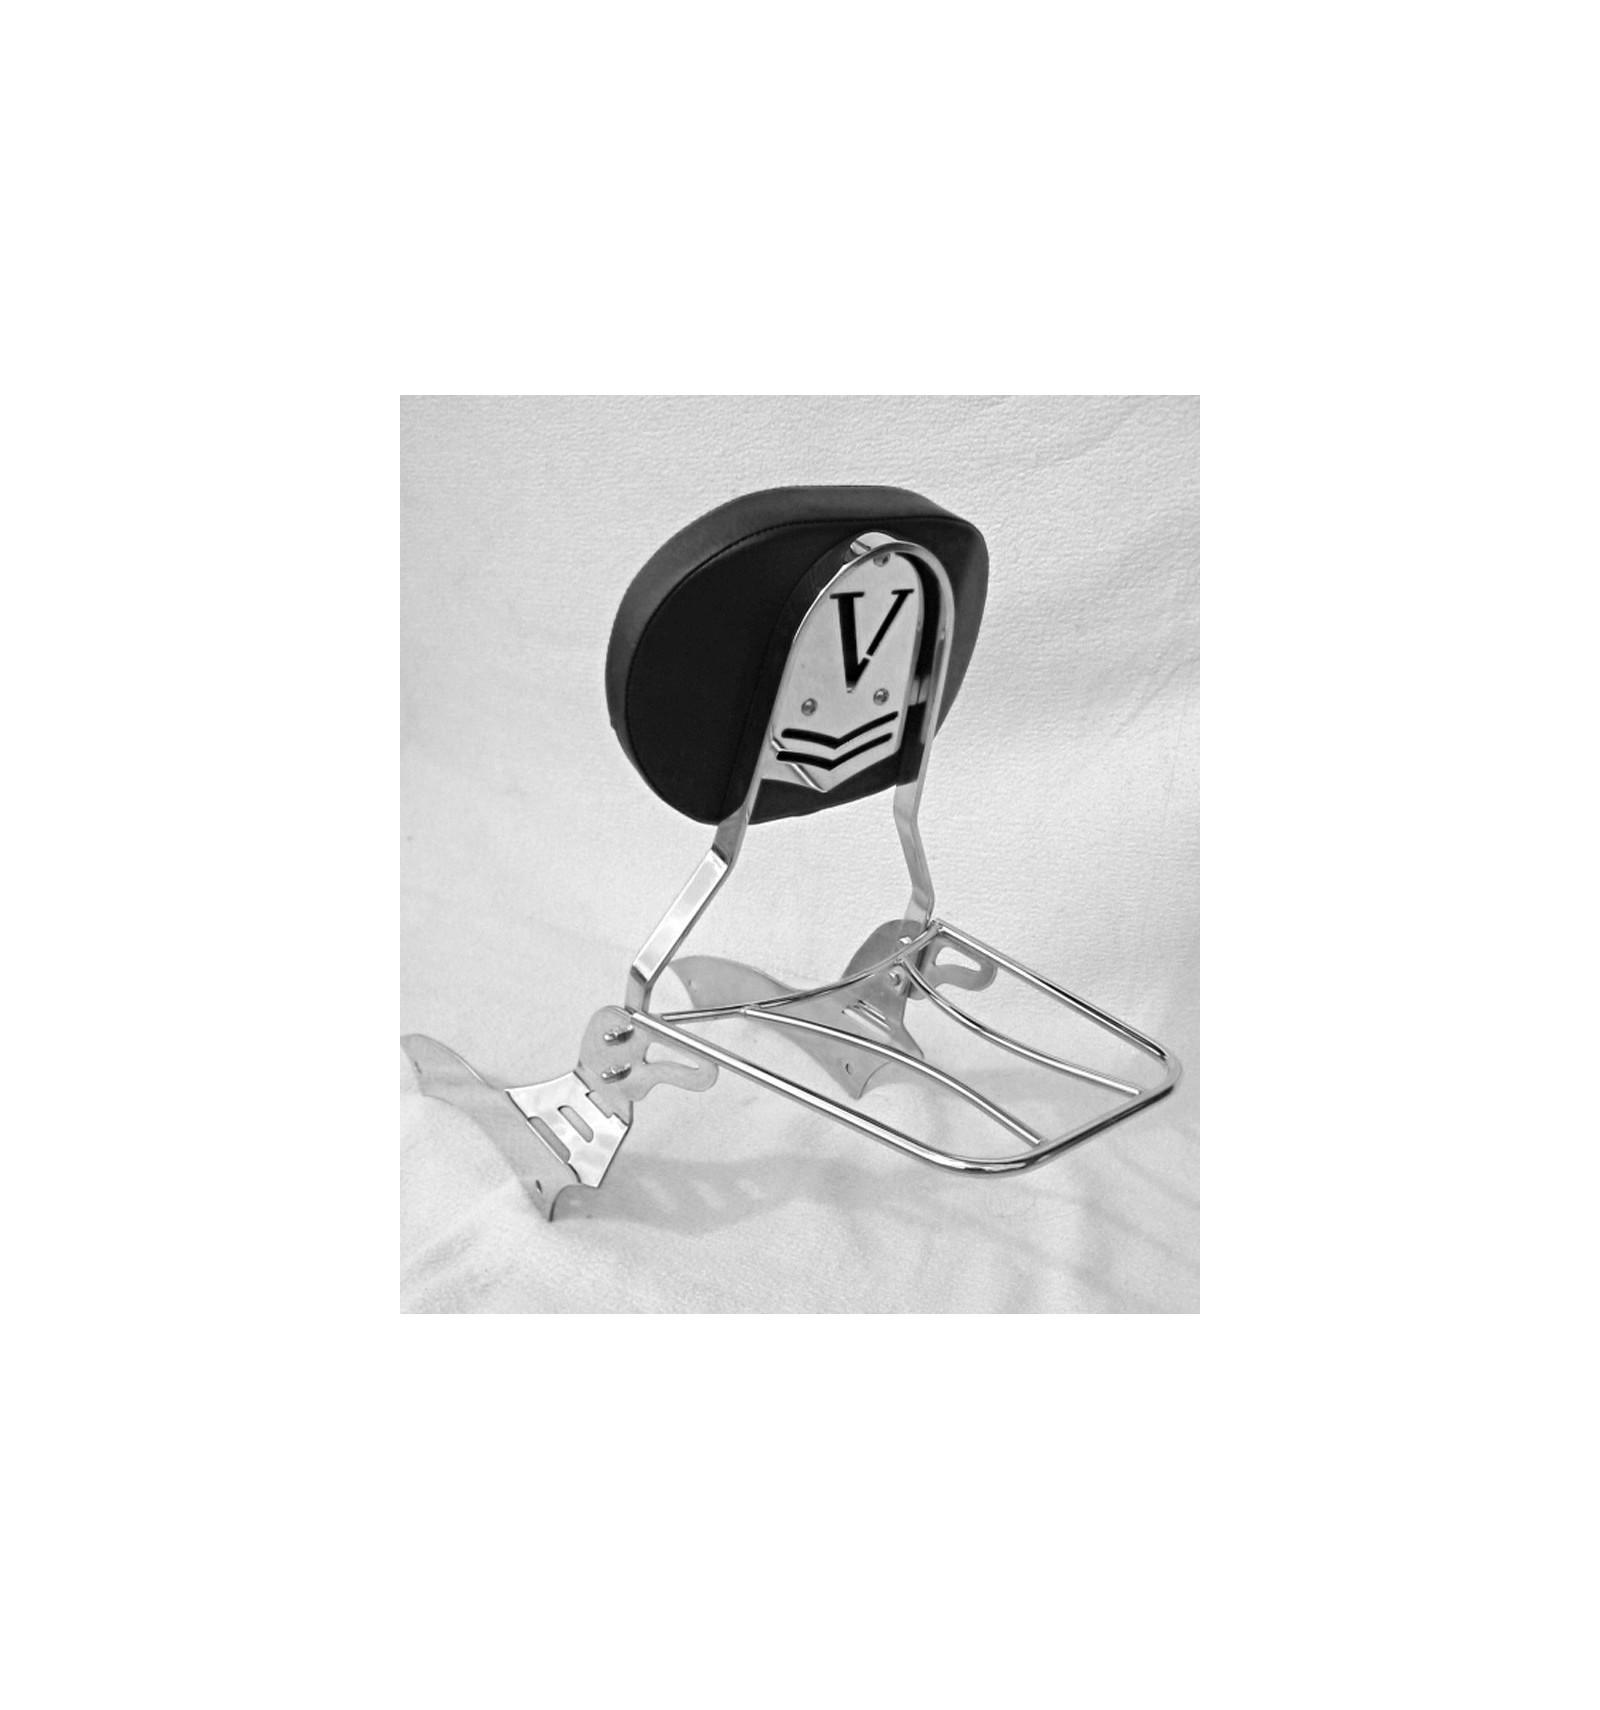 kawasaki vn900 passenger backrest sissybar with rack. Black Bedroom Furniture Sets. Home Design Ideas